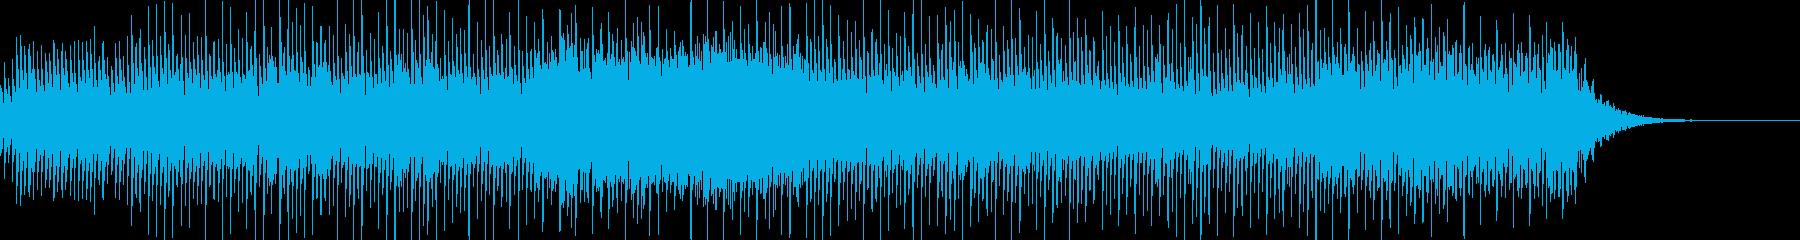 ドキュメンタリー・理科の実験 ピアノの再生済みの波形